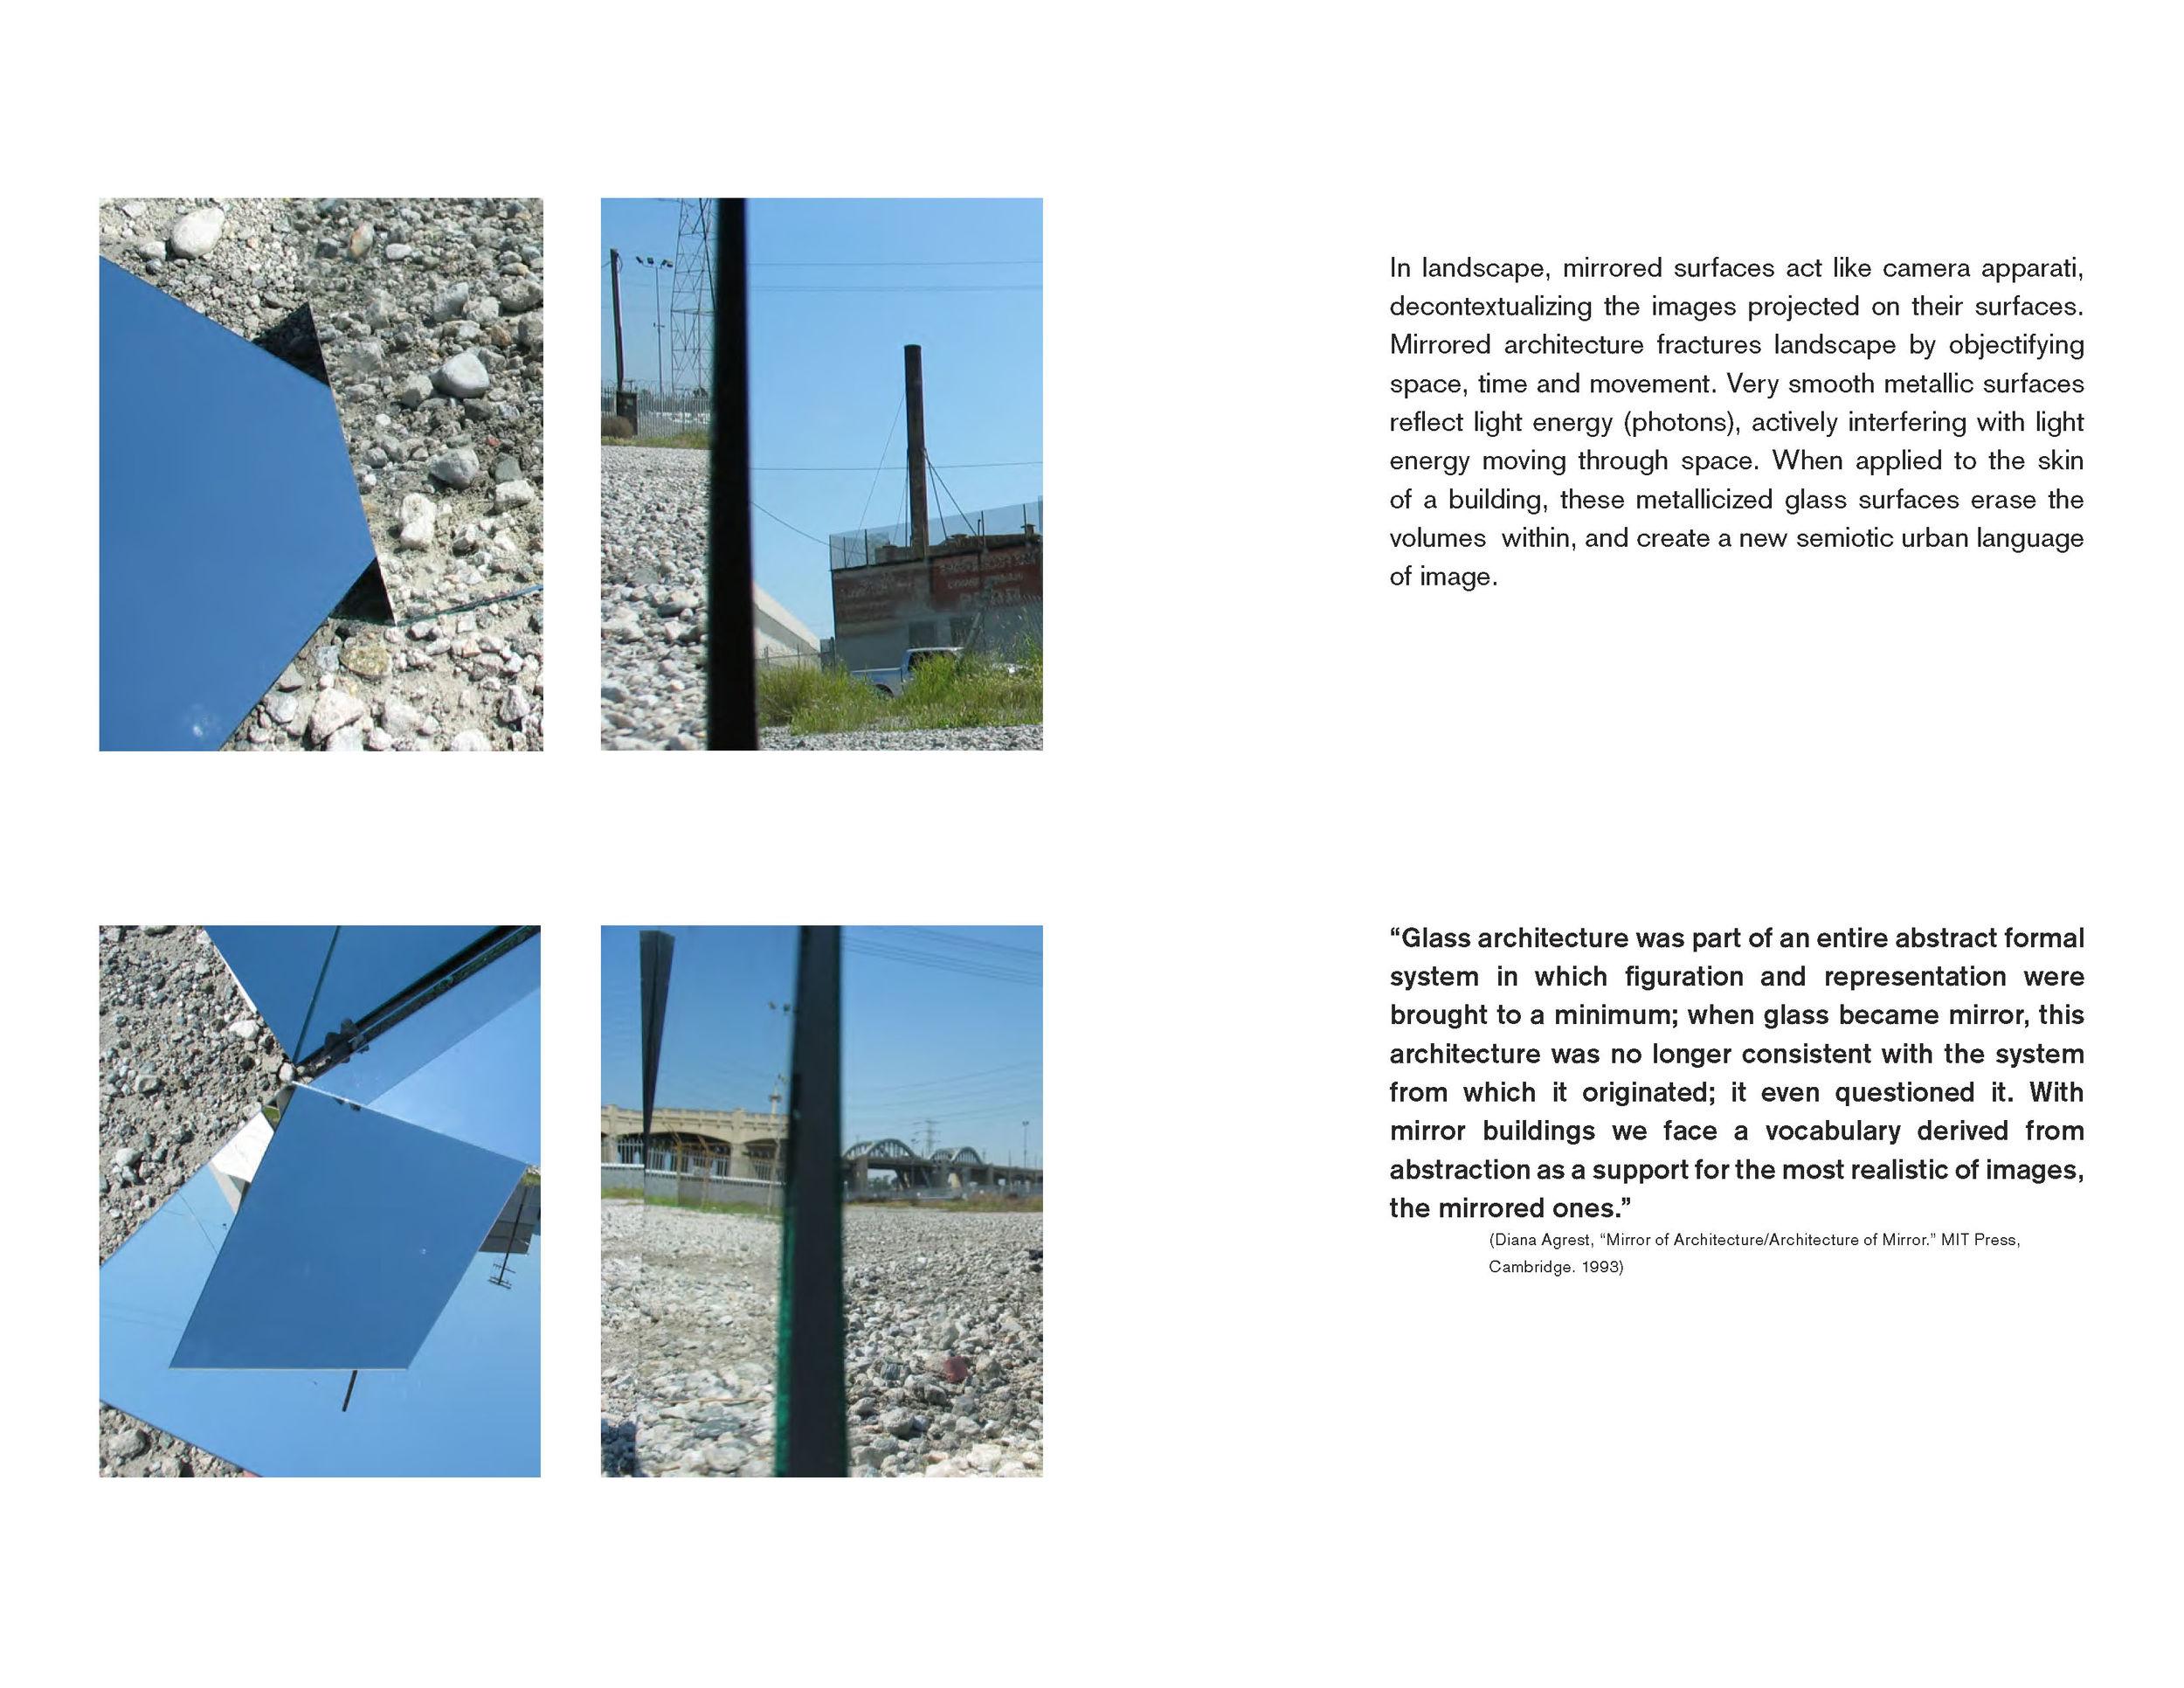 ViolenceUponSpaceMArchBook_Page_24.jpg